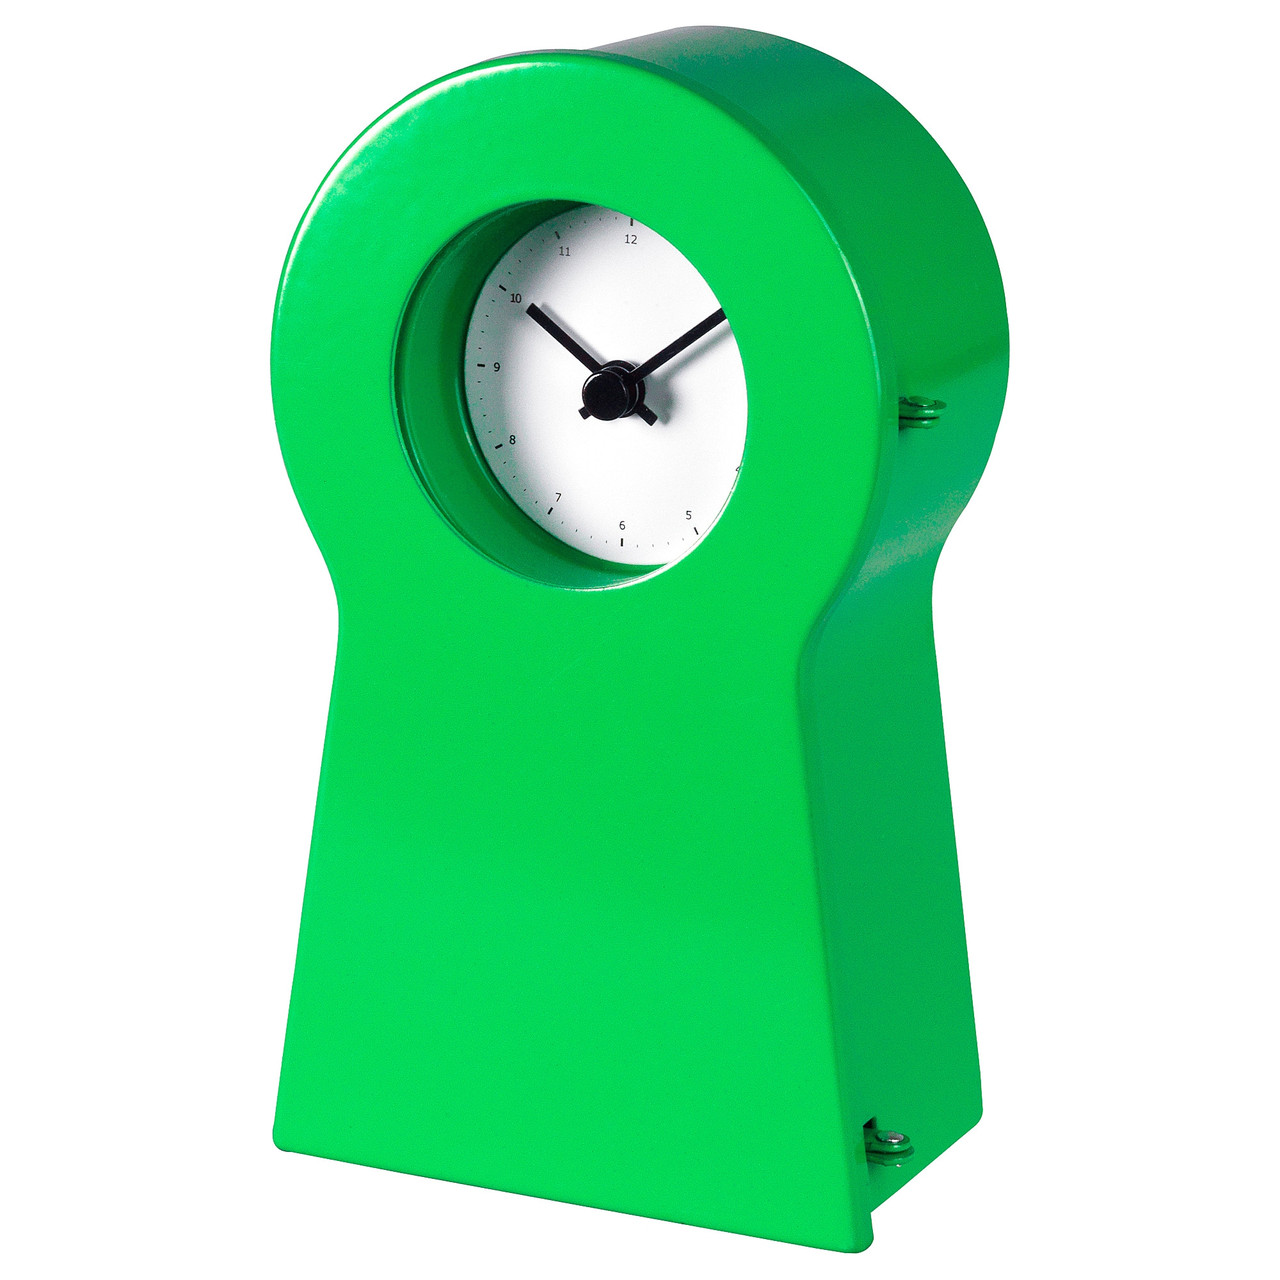 Часы IKEA IKEA PS 1995 14 см Зеленые (504.387.58)